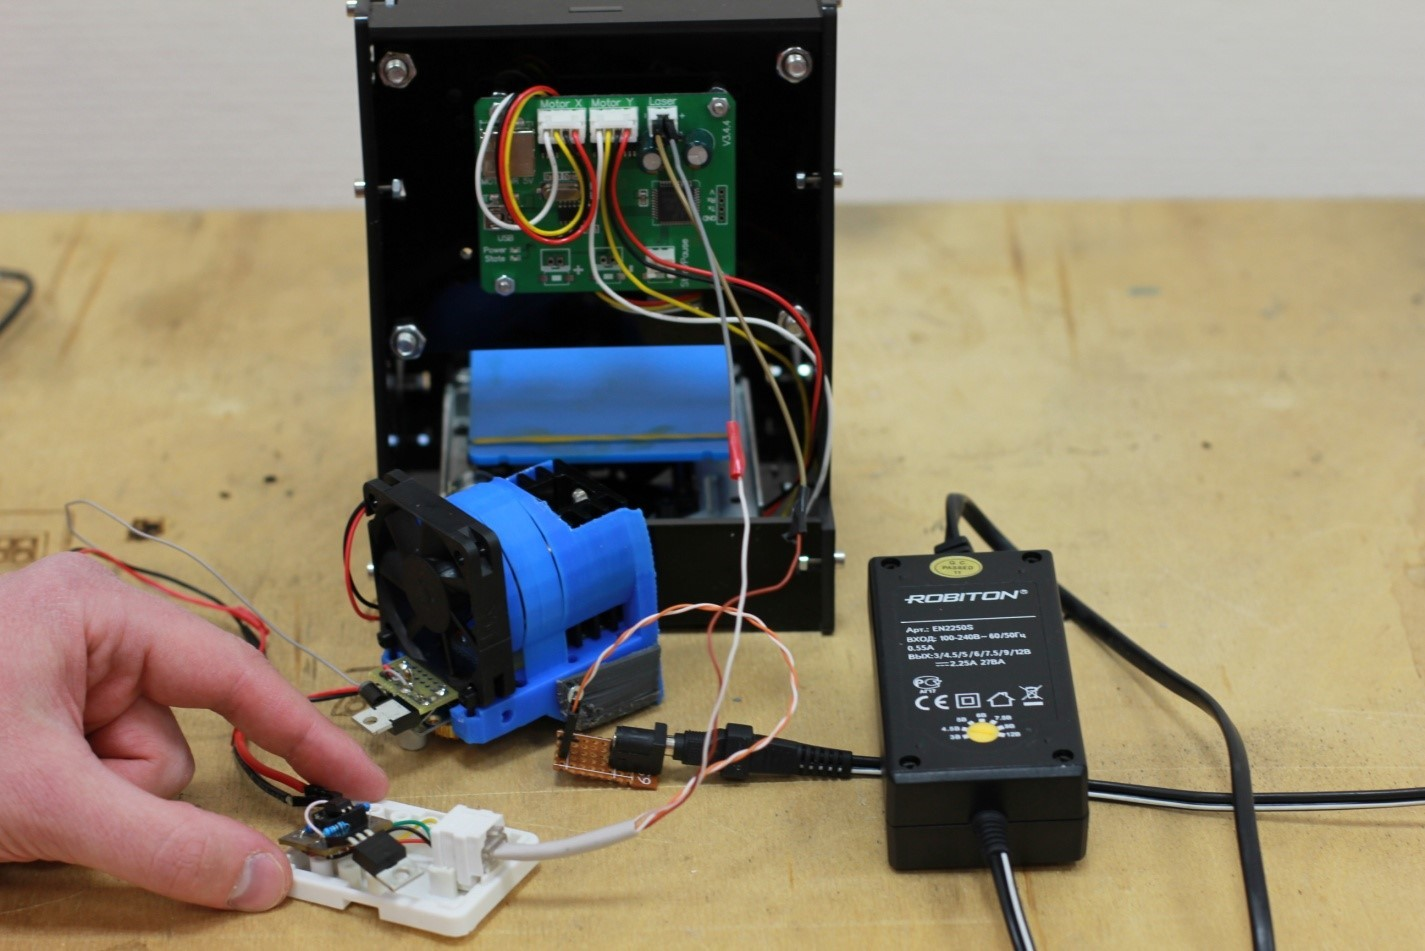 Как подключить полупроводниковый лазер мощностью более 1 Вт (1000 мВт) к 3D-принтеру, ЧПУ станку, координатному столу - 4